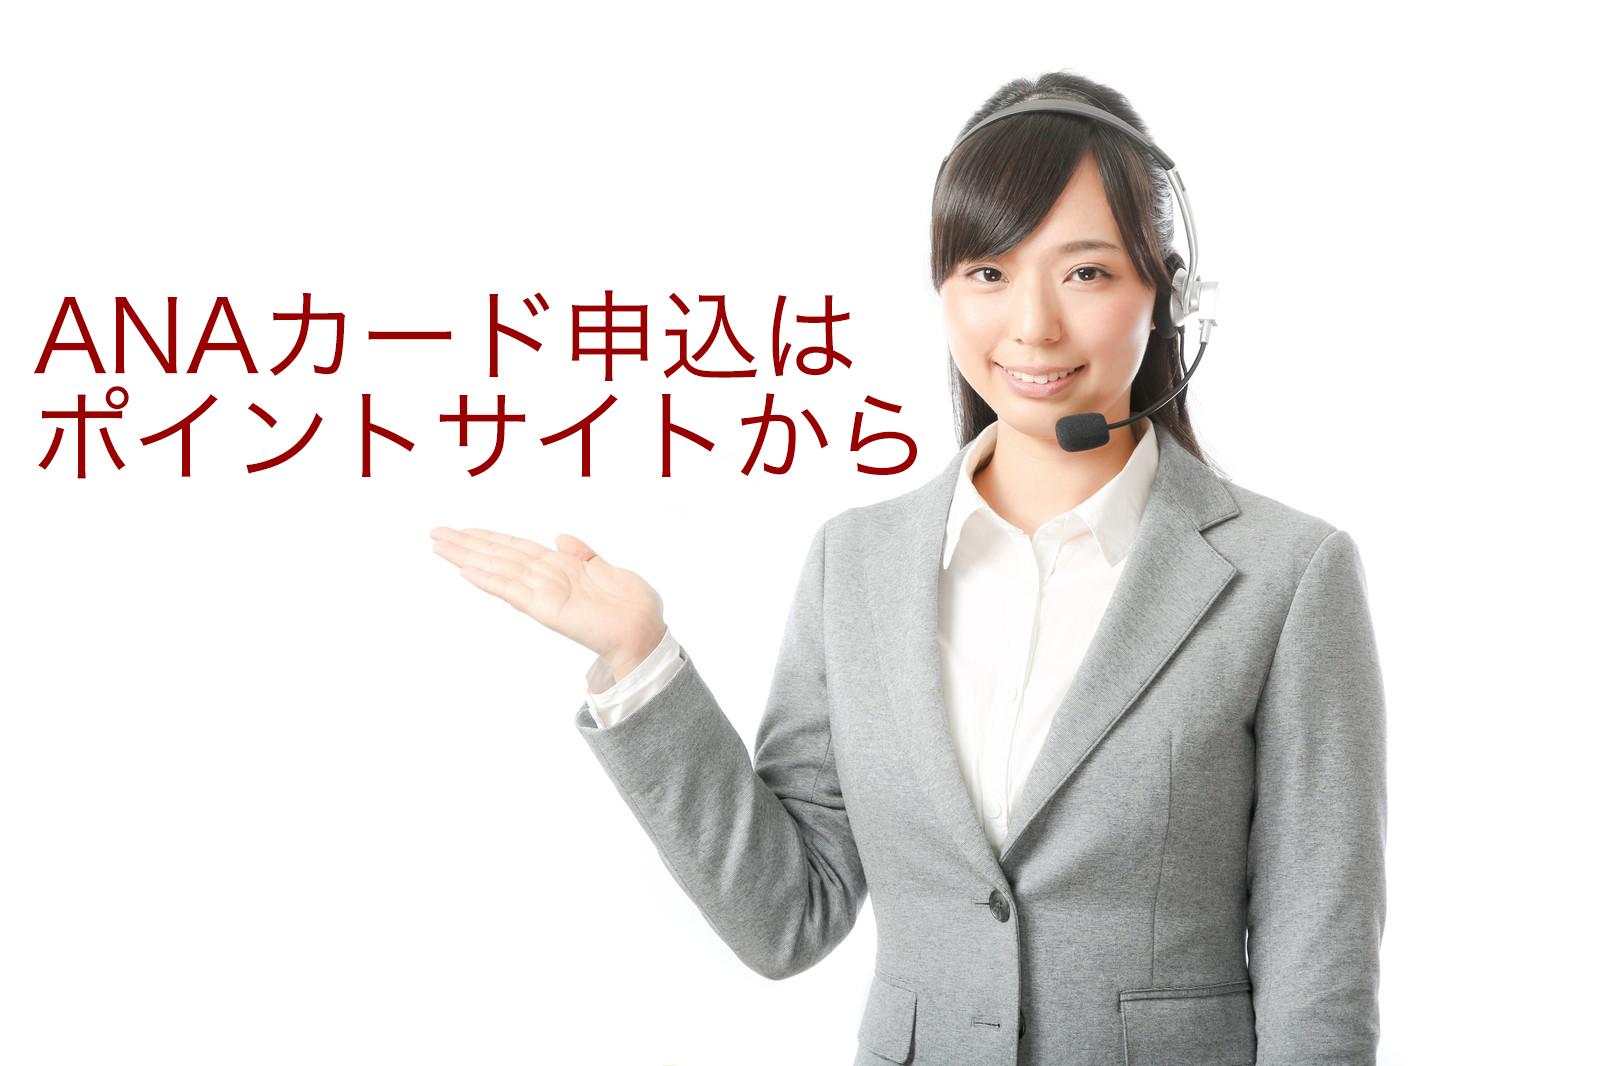 ANAカード申し込みがお得なポイントサイト比較ランキング!【8/27更新】